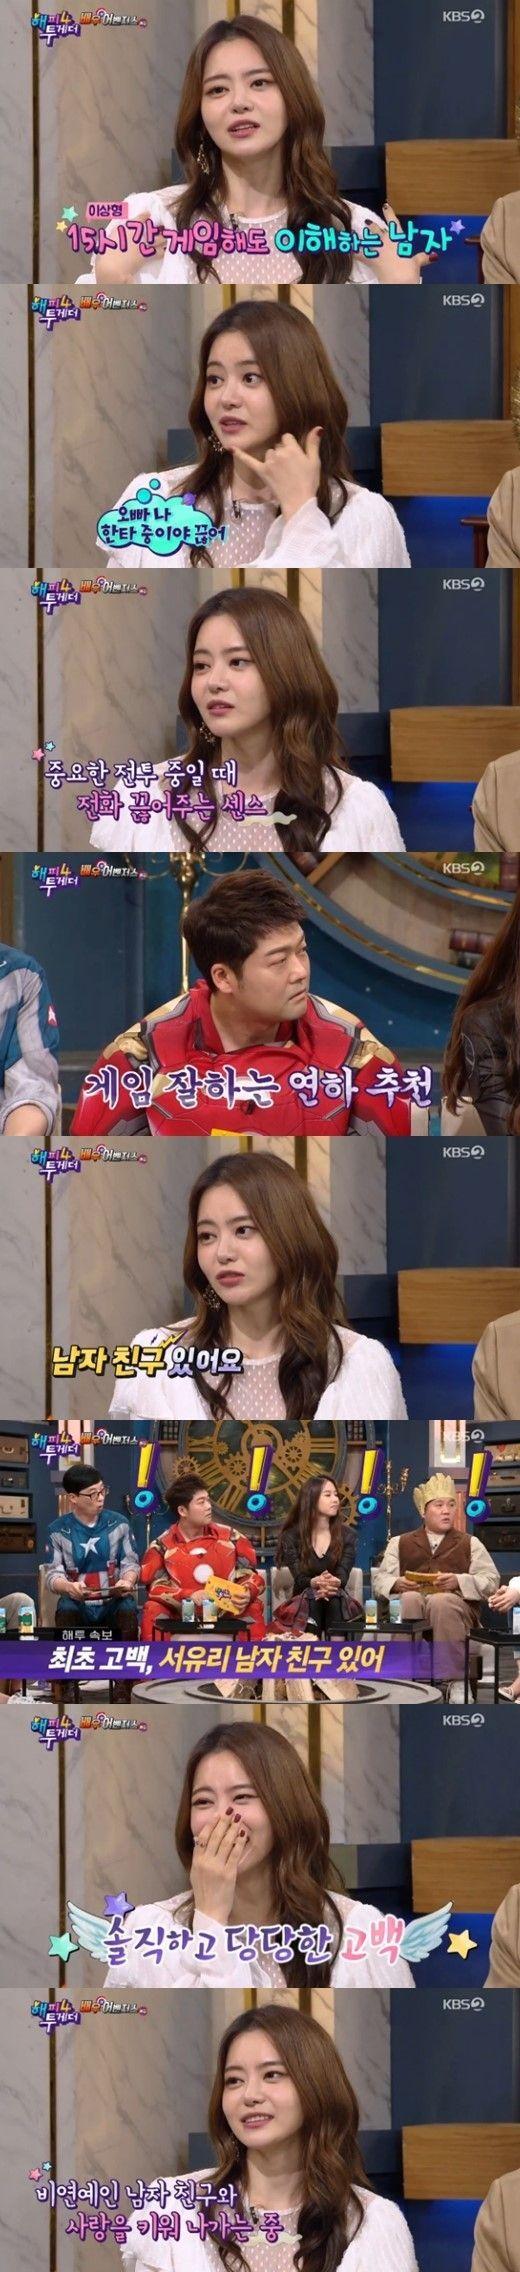 방송인 서유리가 열애 사실을 고백했다/사진=KBS 2TV '해피투게더4' 화면 캡처